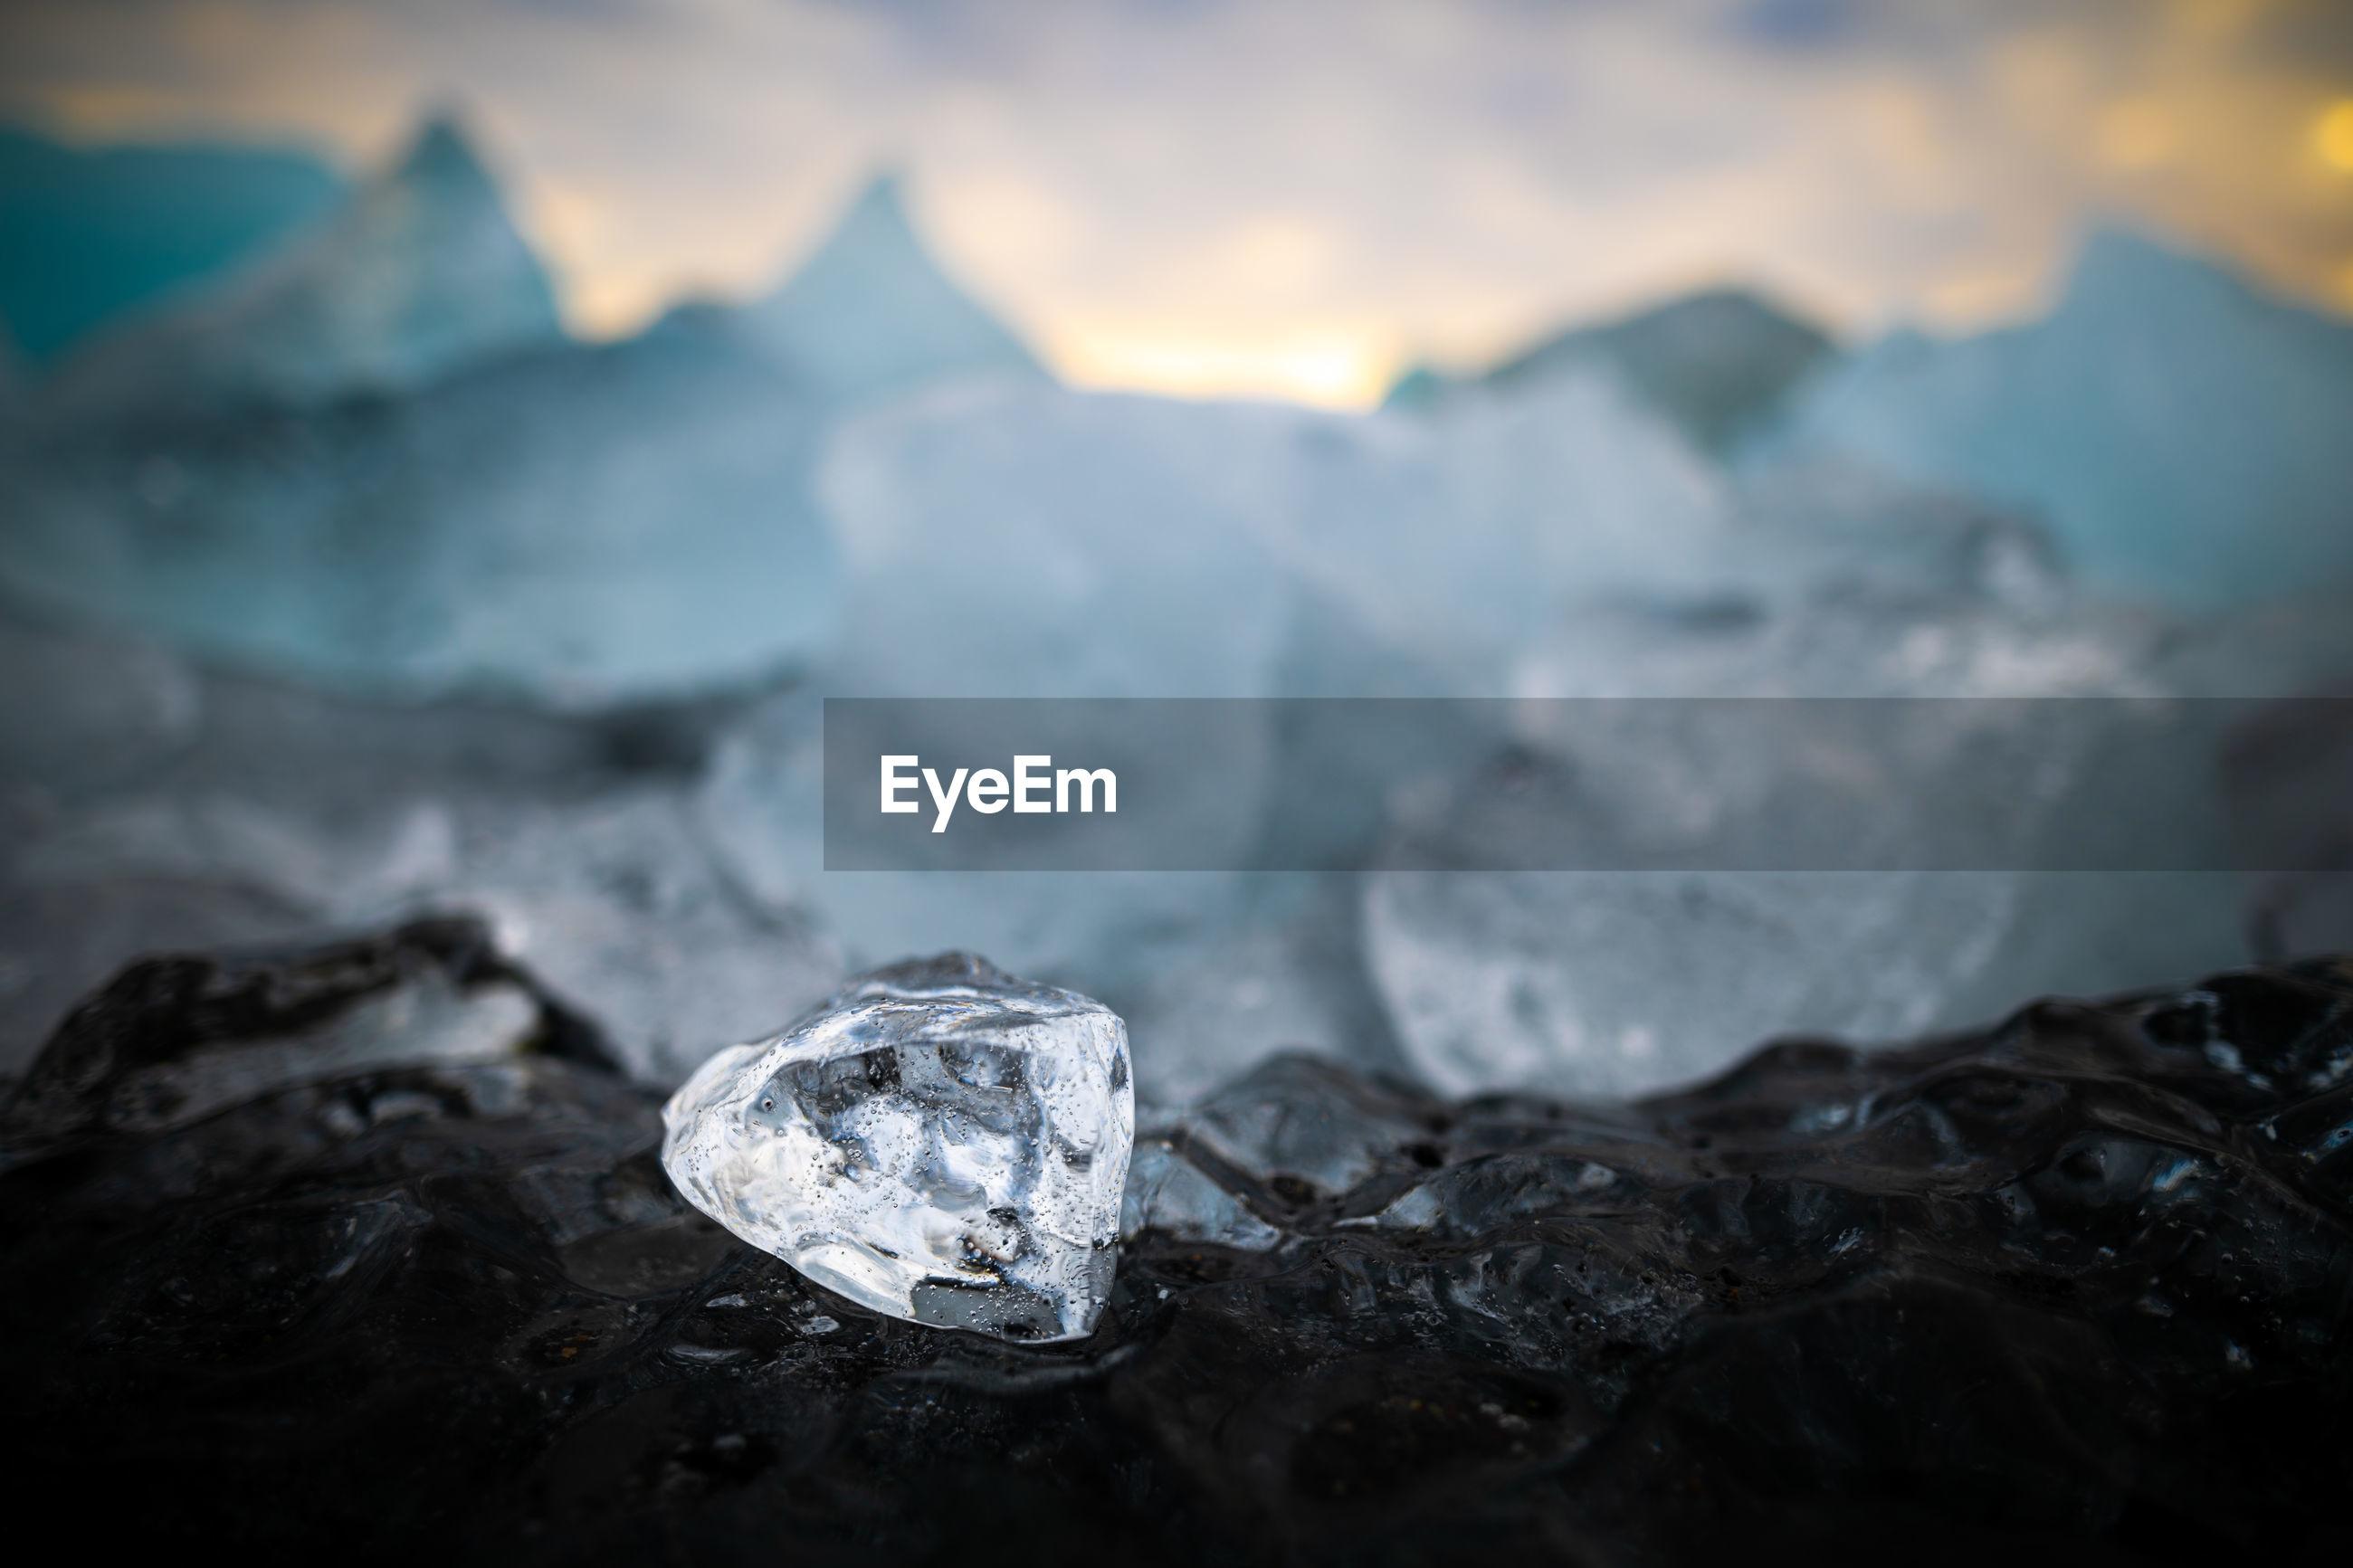 Ice cube on black ice at diamond beach near jokulsarlon glacier lagoon in iceland during sunset